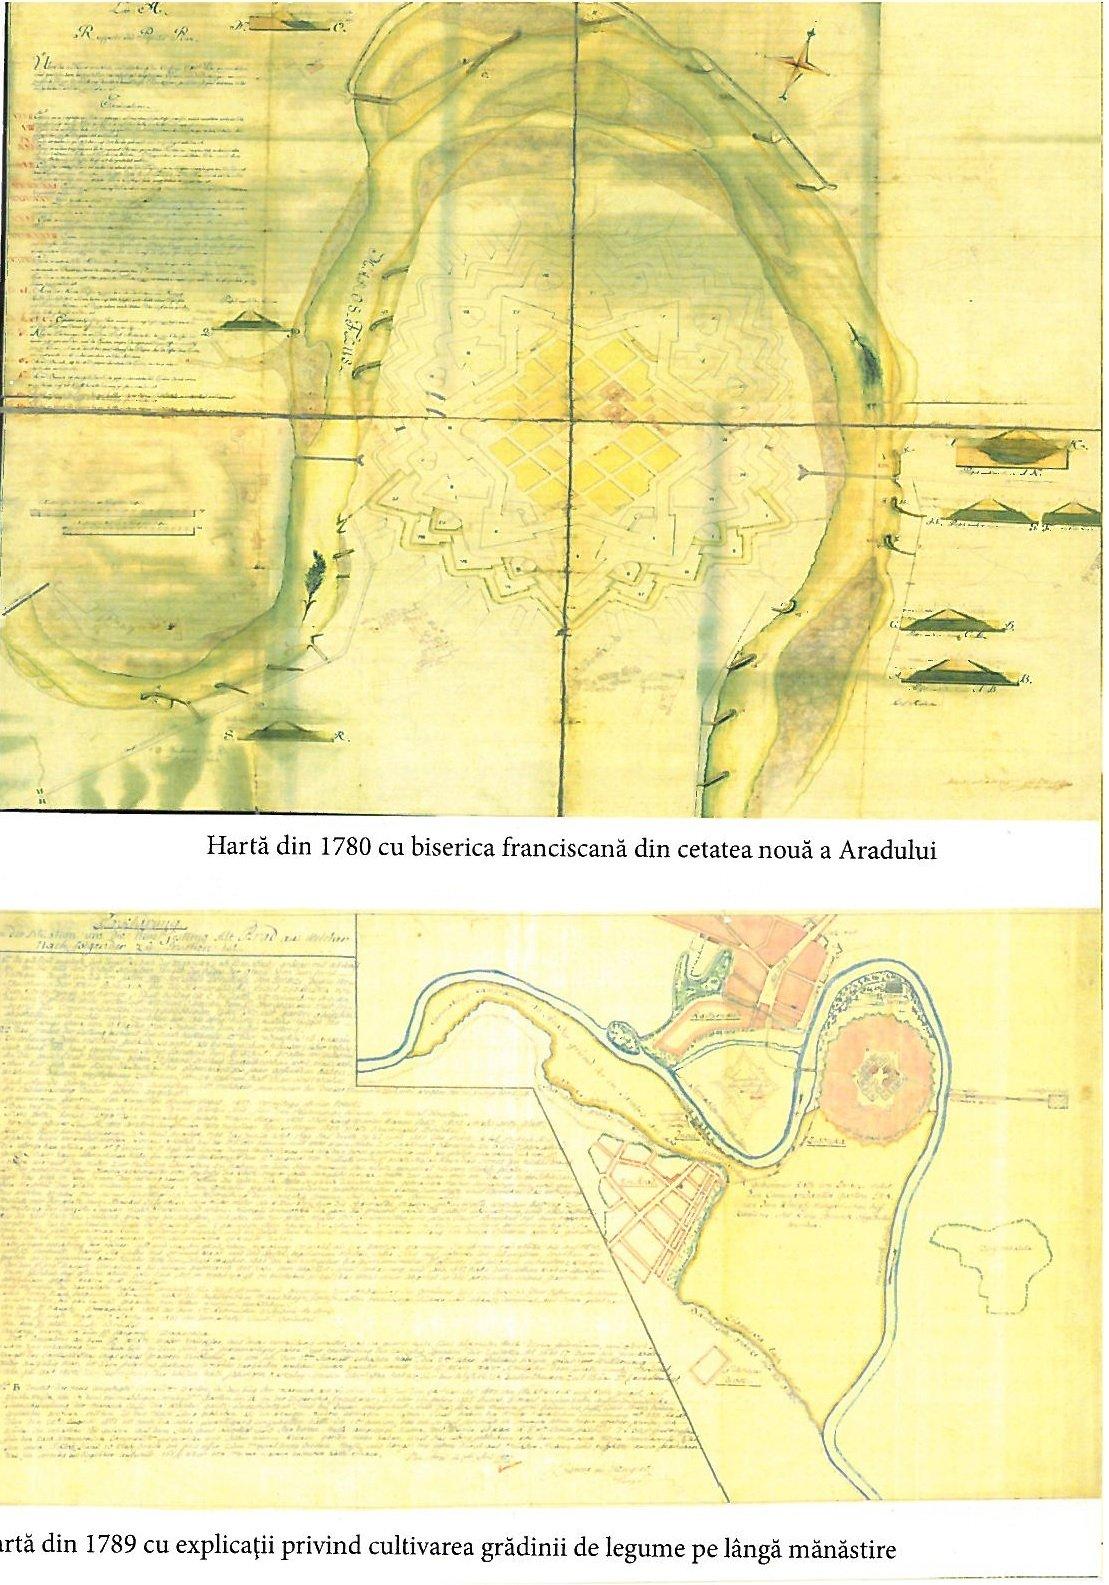 Harta din 1780 cu biserica franciscana